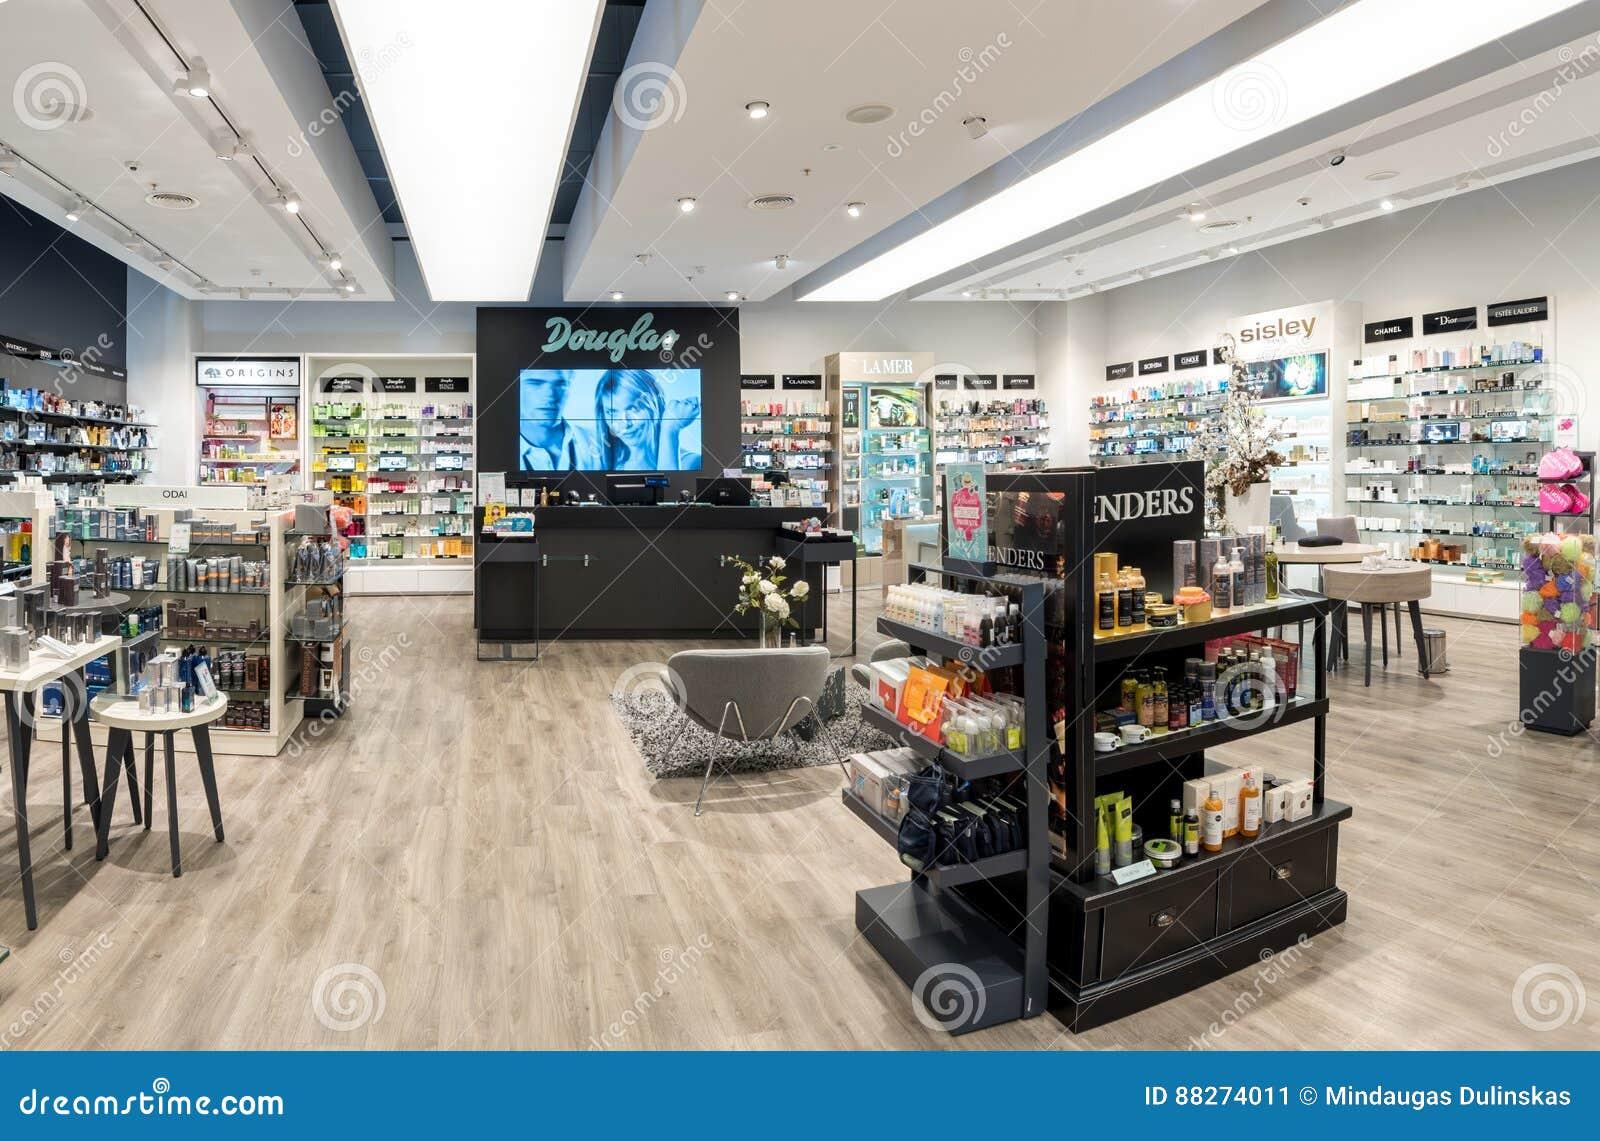 维尔纽斯,立陶宛- 2016年9月27日:道格拉斯香水商店在Akropolis,立陶宛, Vinius